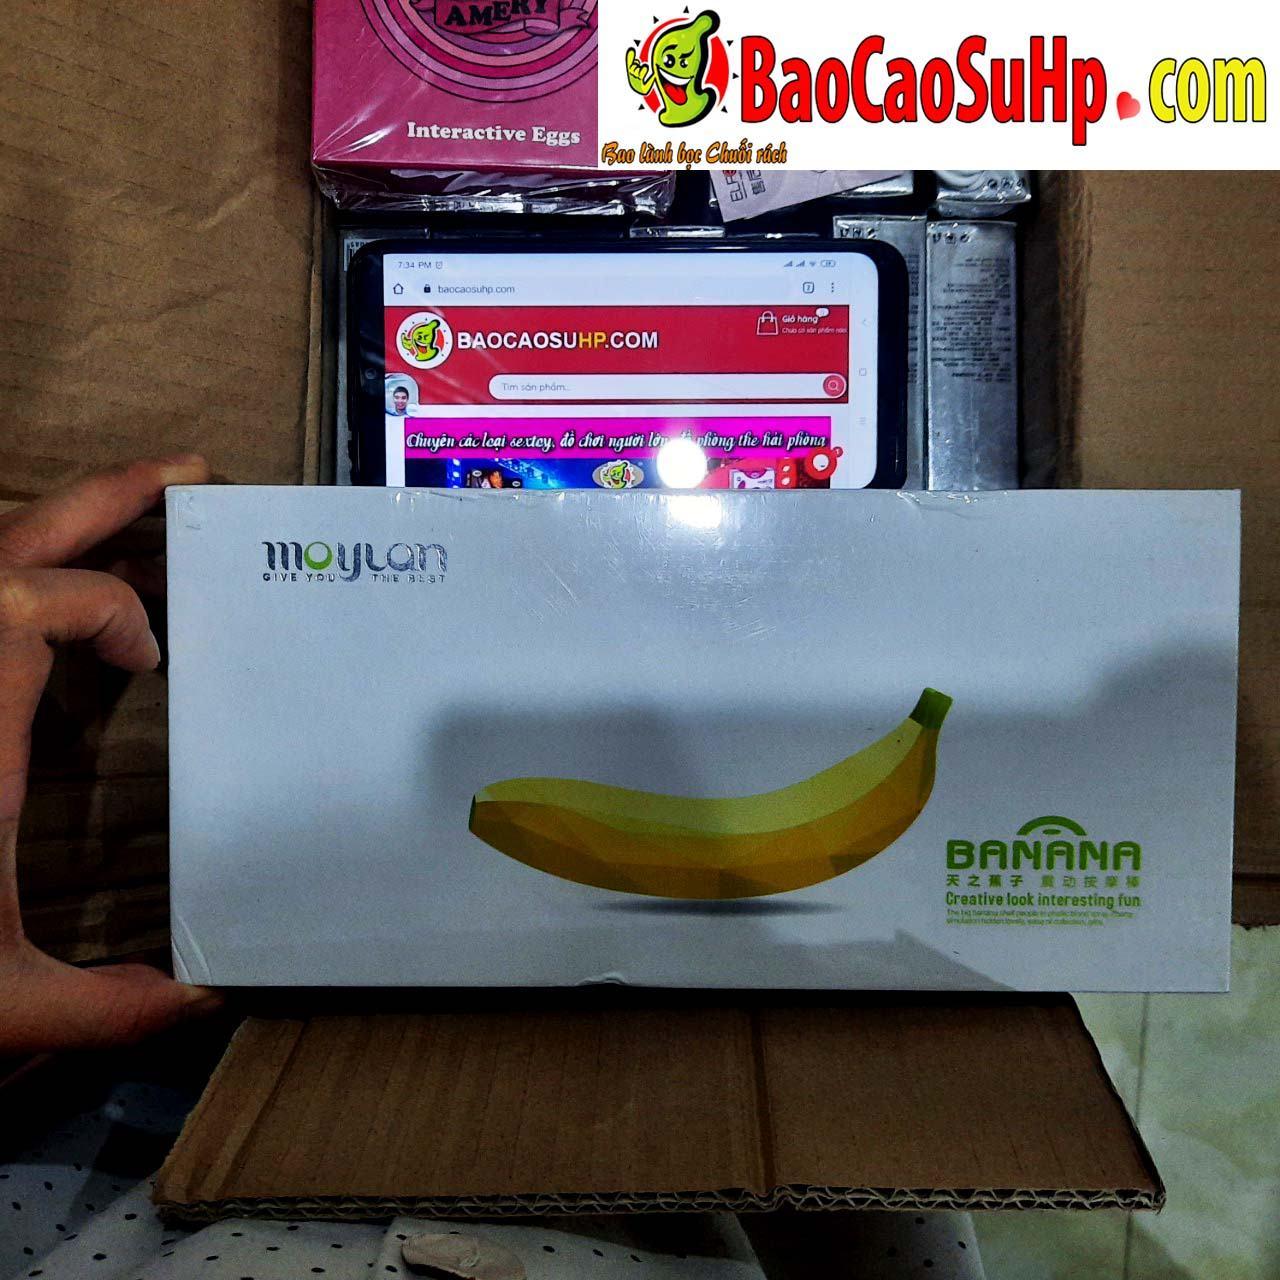 Sextoy Duong vat gia banana hinh trai chuoi - Hàng về 23.10.2020 các loại mông trứng rung tình yêu.